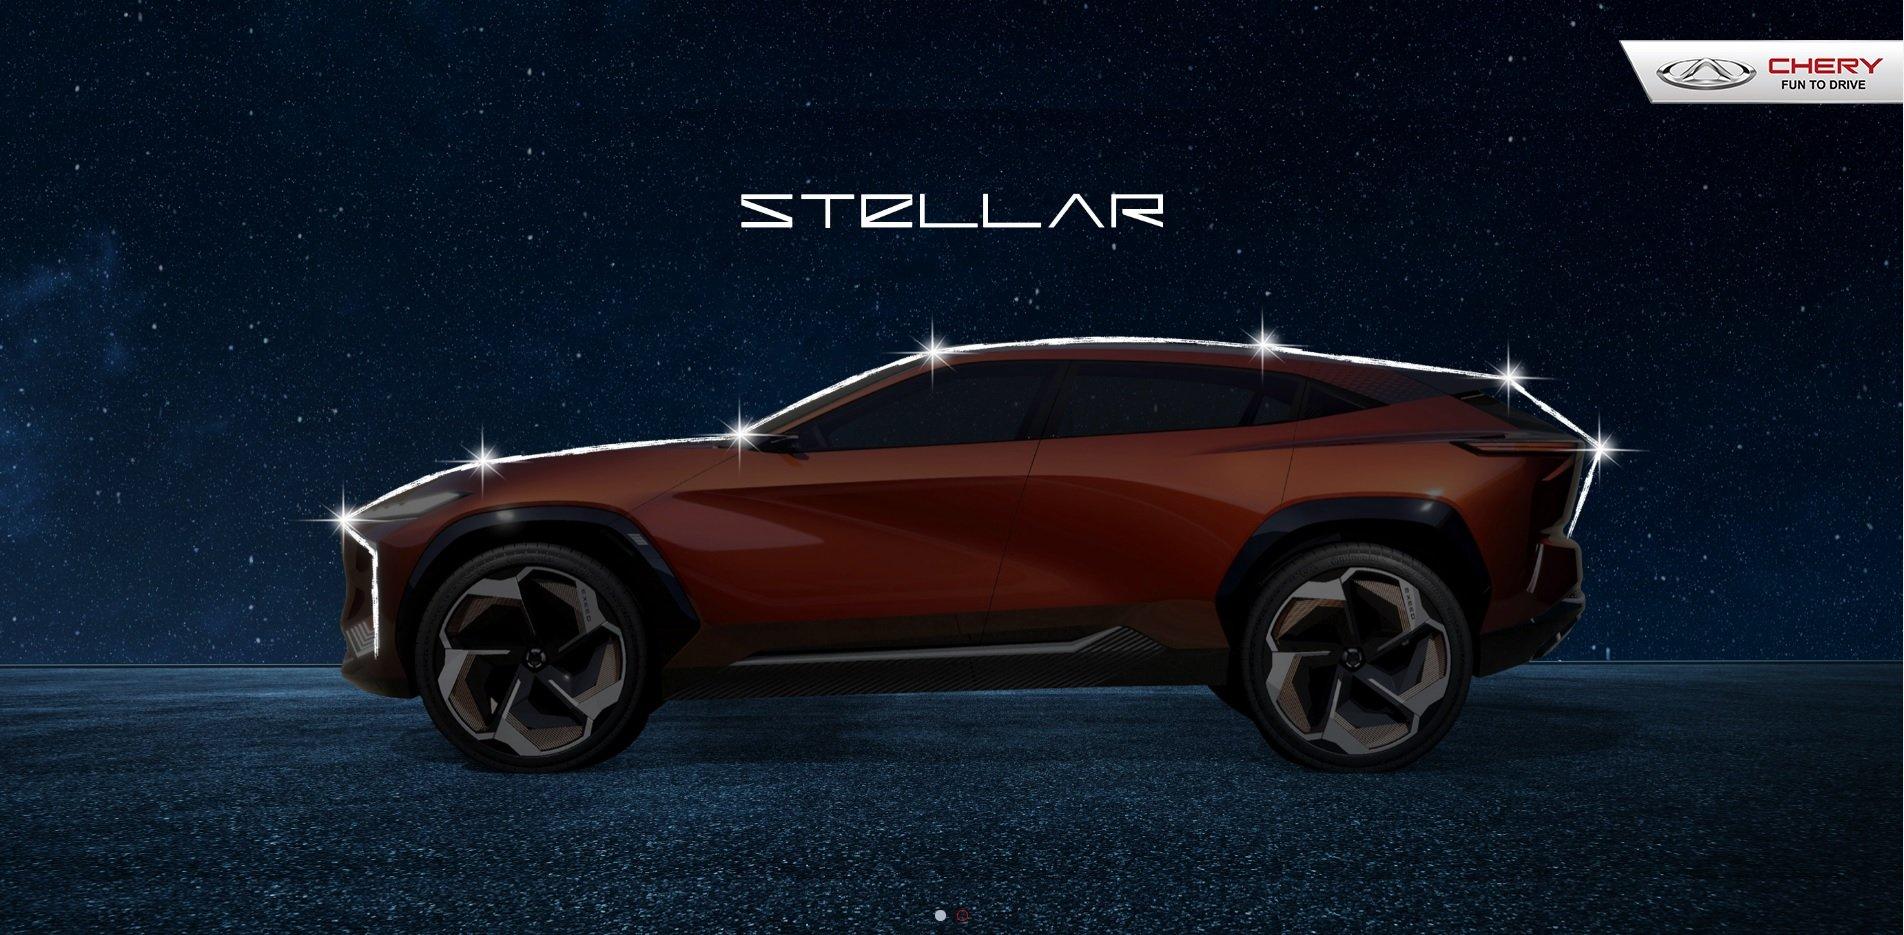 Концепт Stellar намекнул на облик будущих кроссоверов Cheryexeed